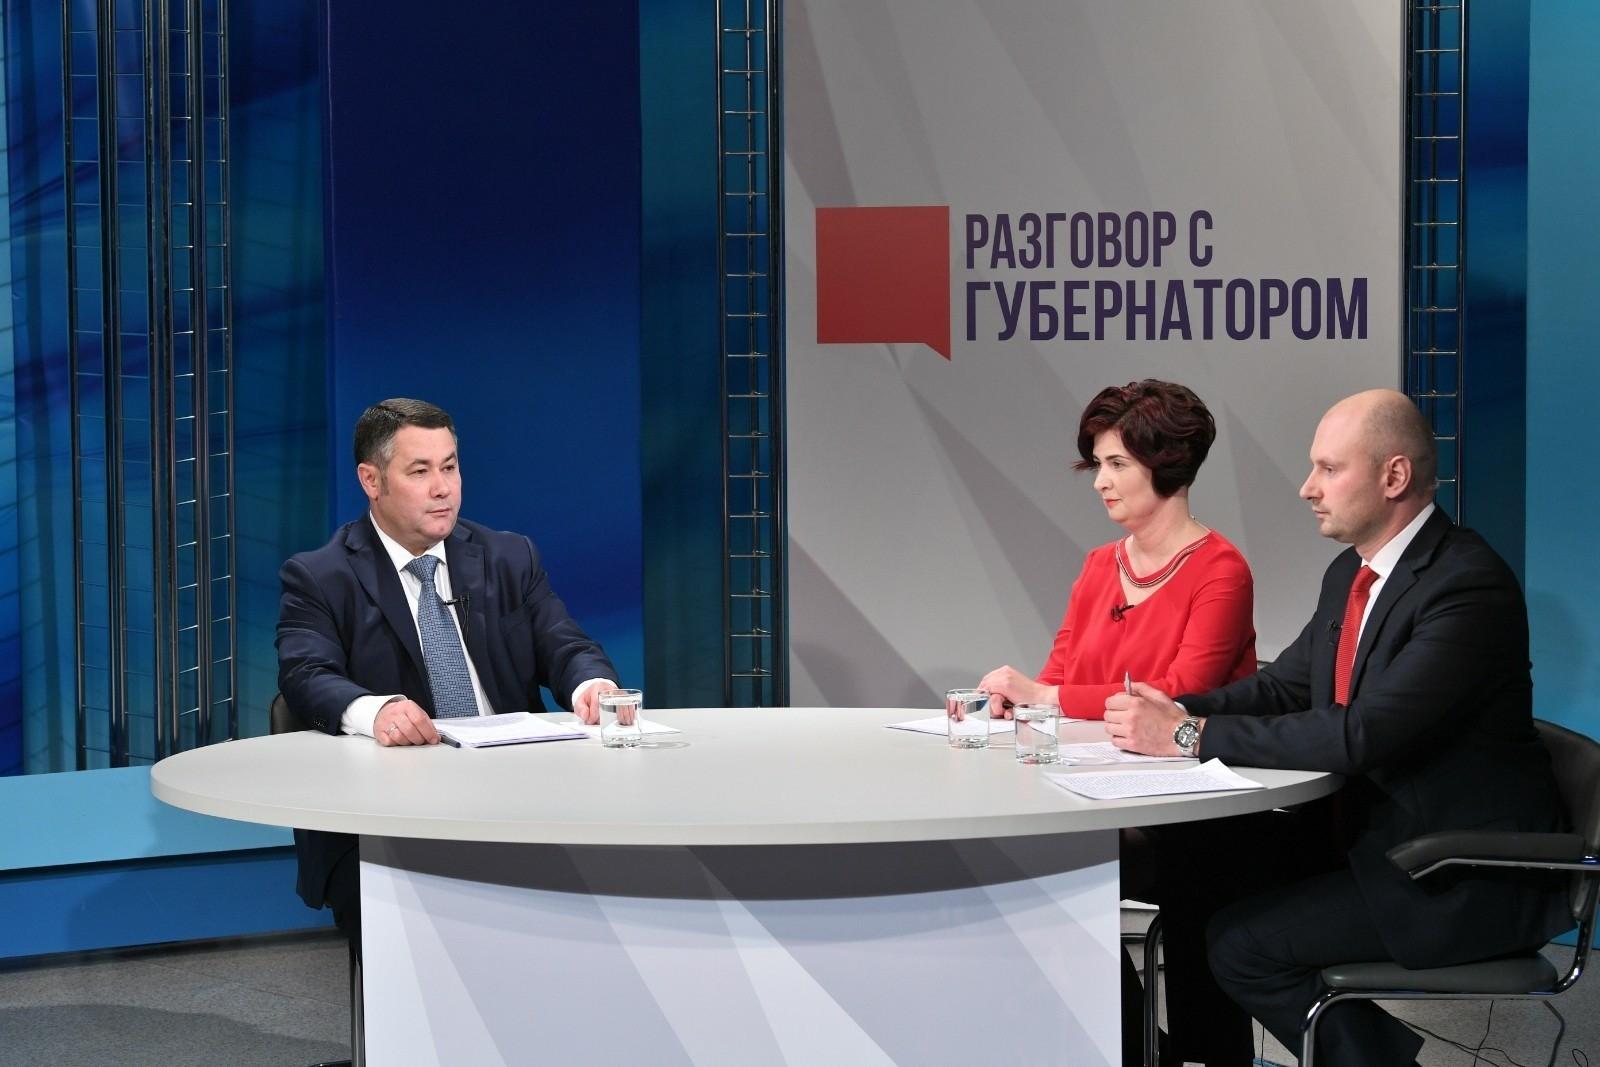 Игорь Руденя сообщил о помощи муниципалитетам в привлечении инвесторов